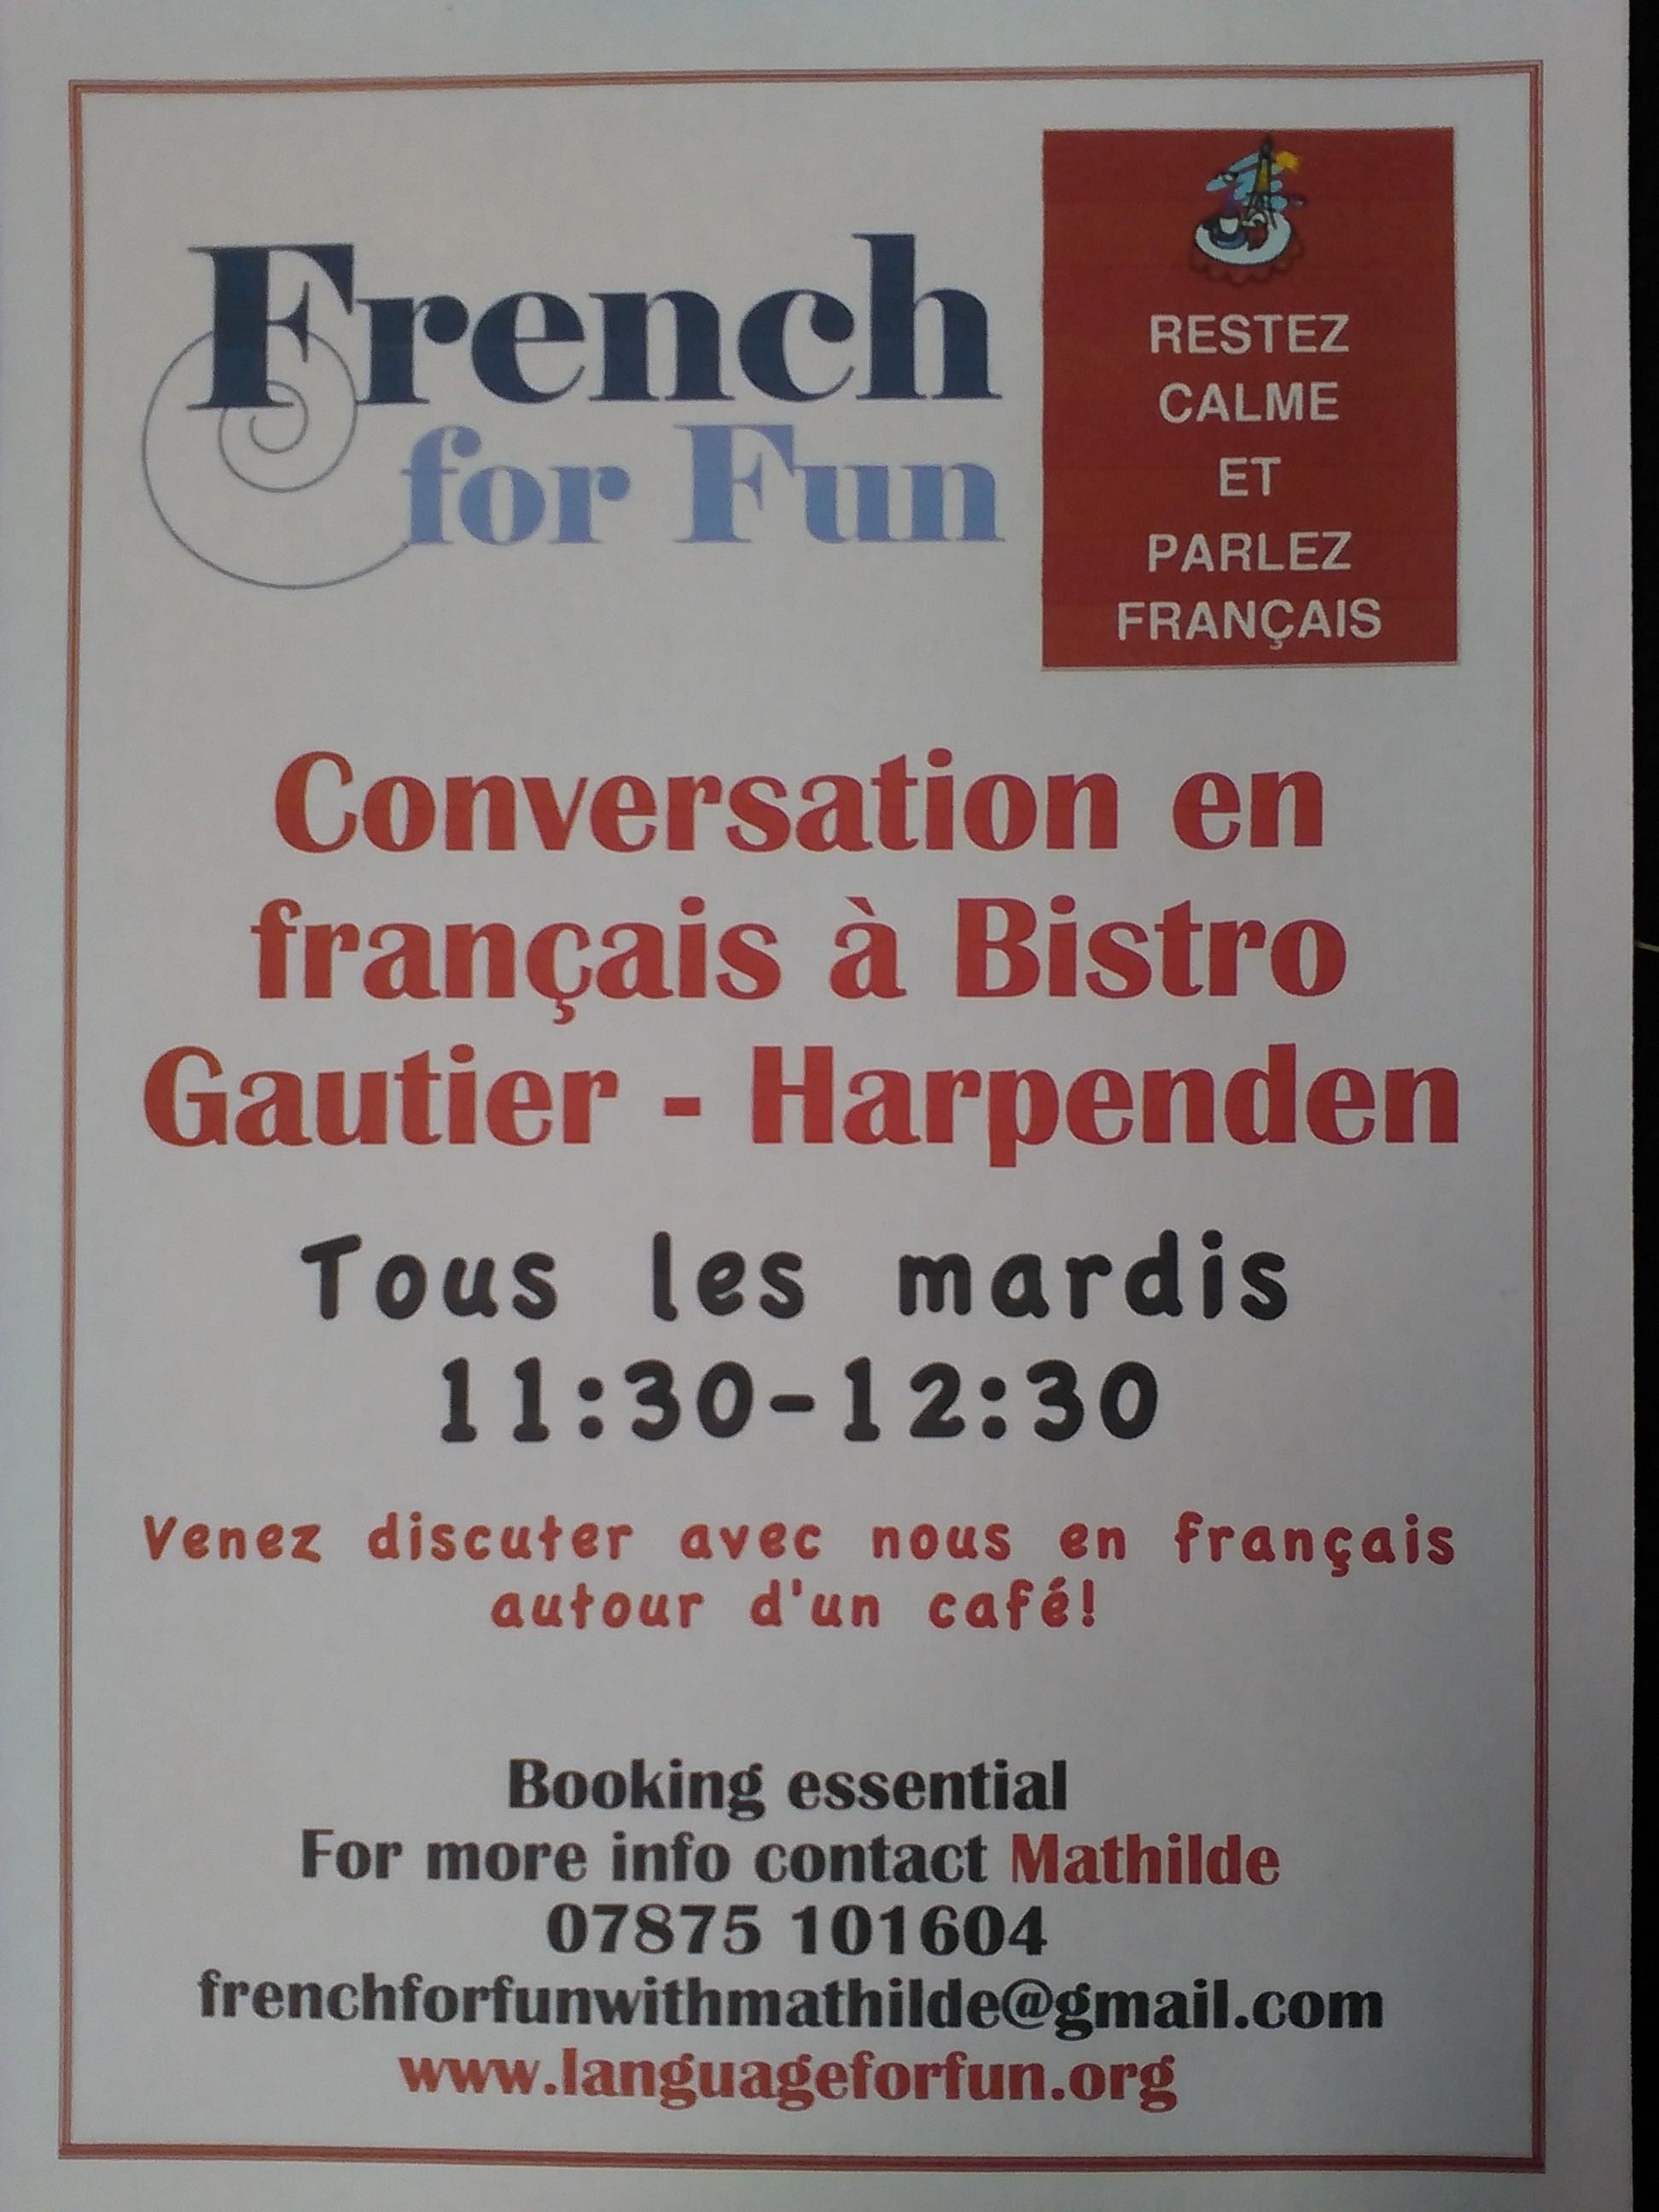 Groupe de conversation en français a Harpenden tous les mardis!